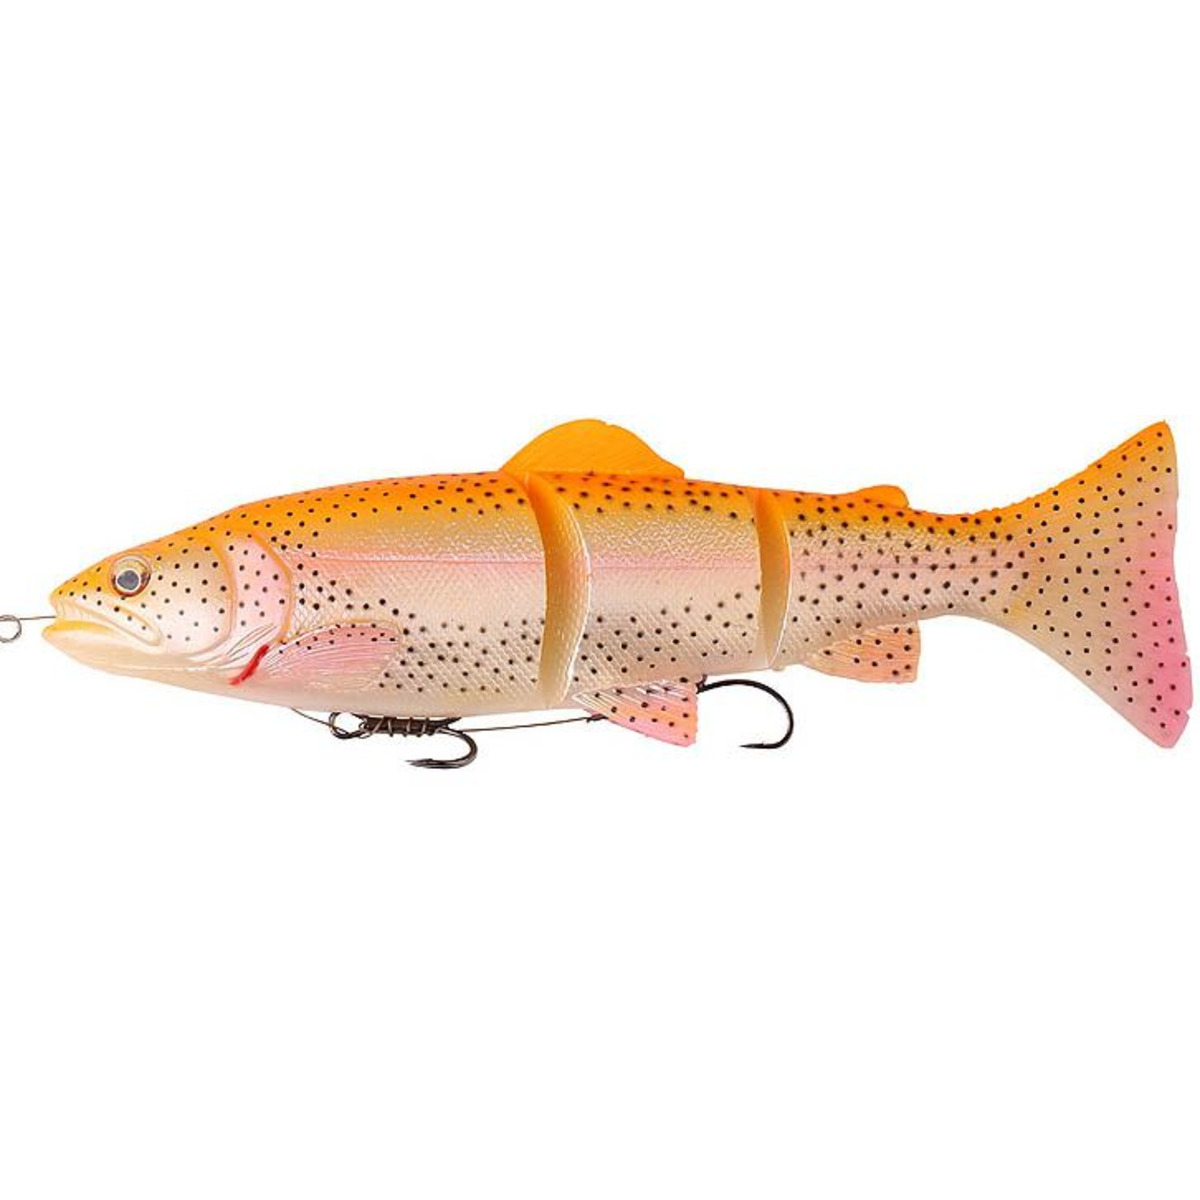 Savage Gear 3D Trout Line Thru - 25 cm - 193 g - Golden Albino